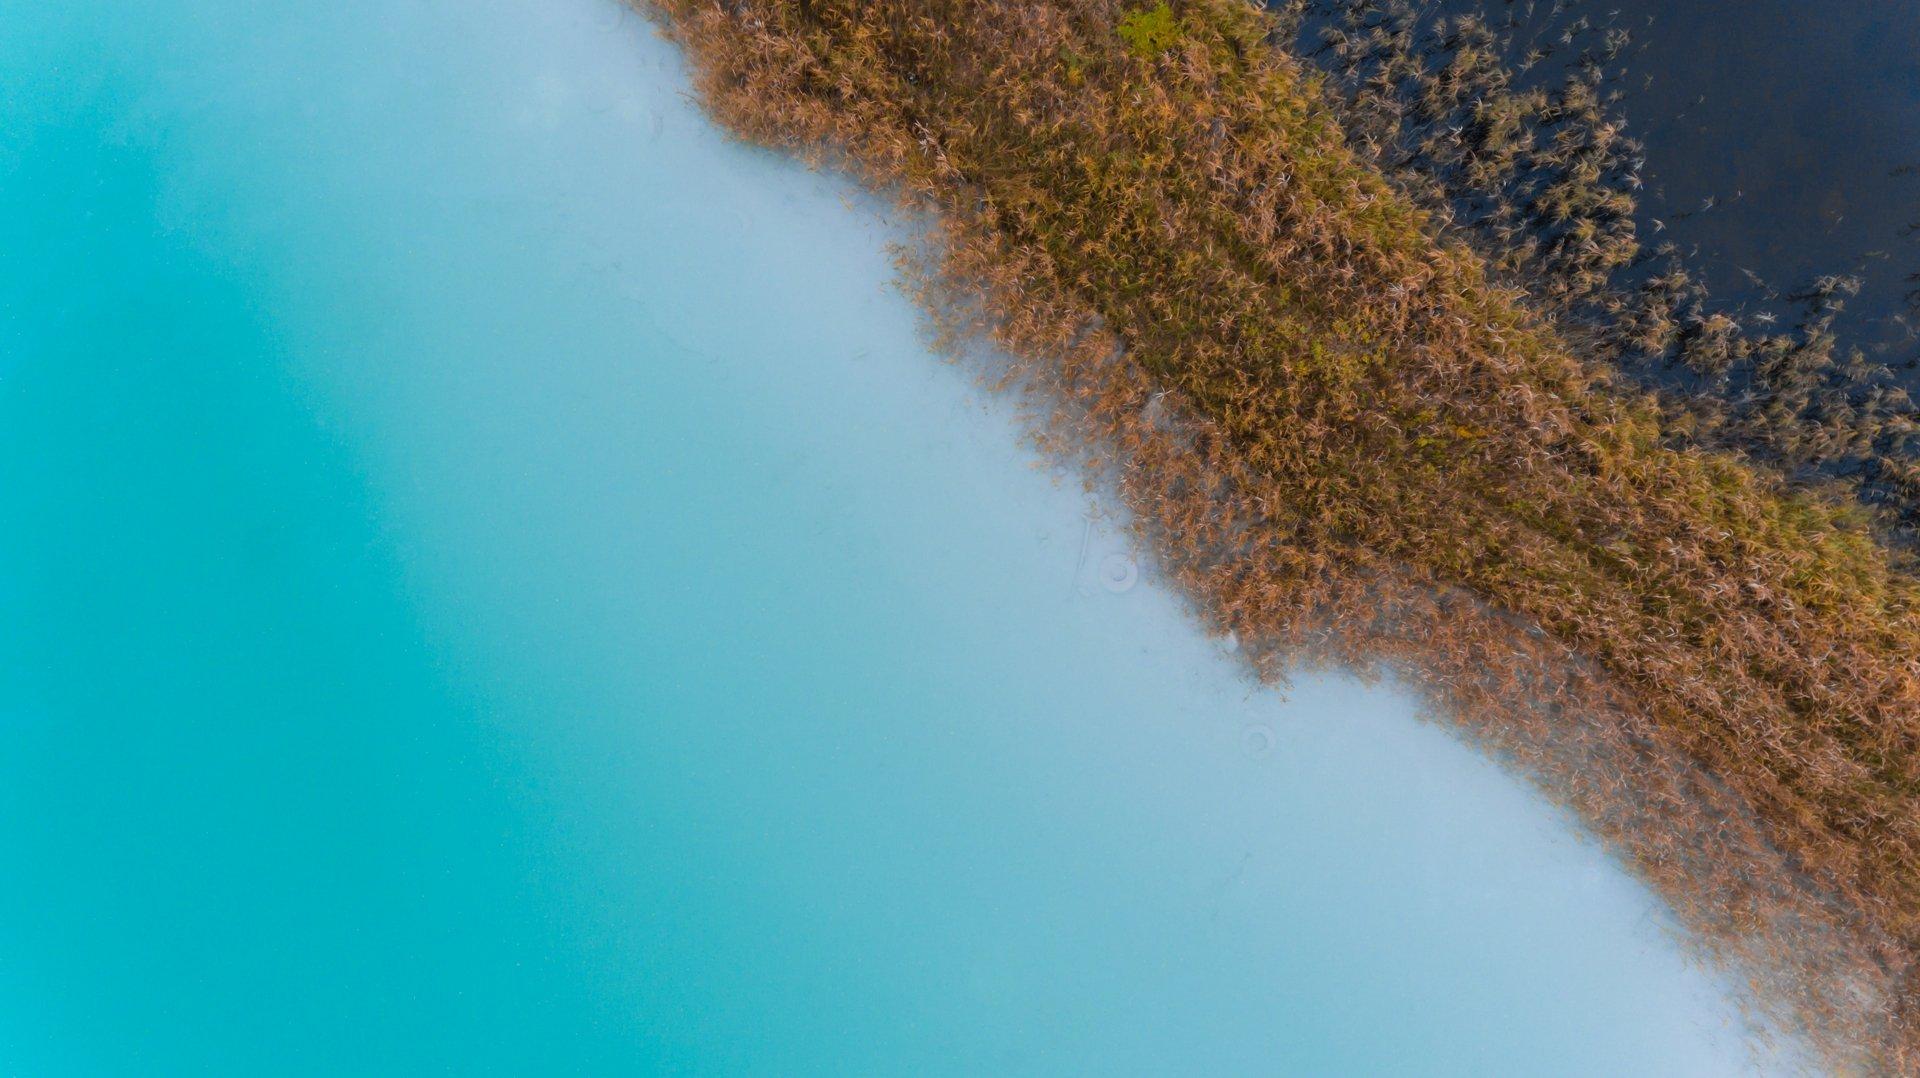 turkusowe-jezioro-widok-z-drona